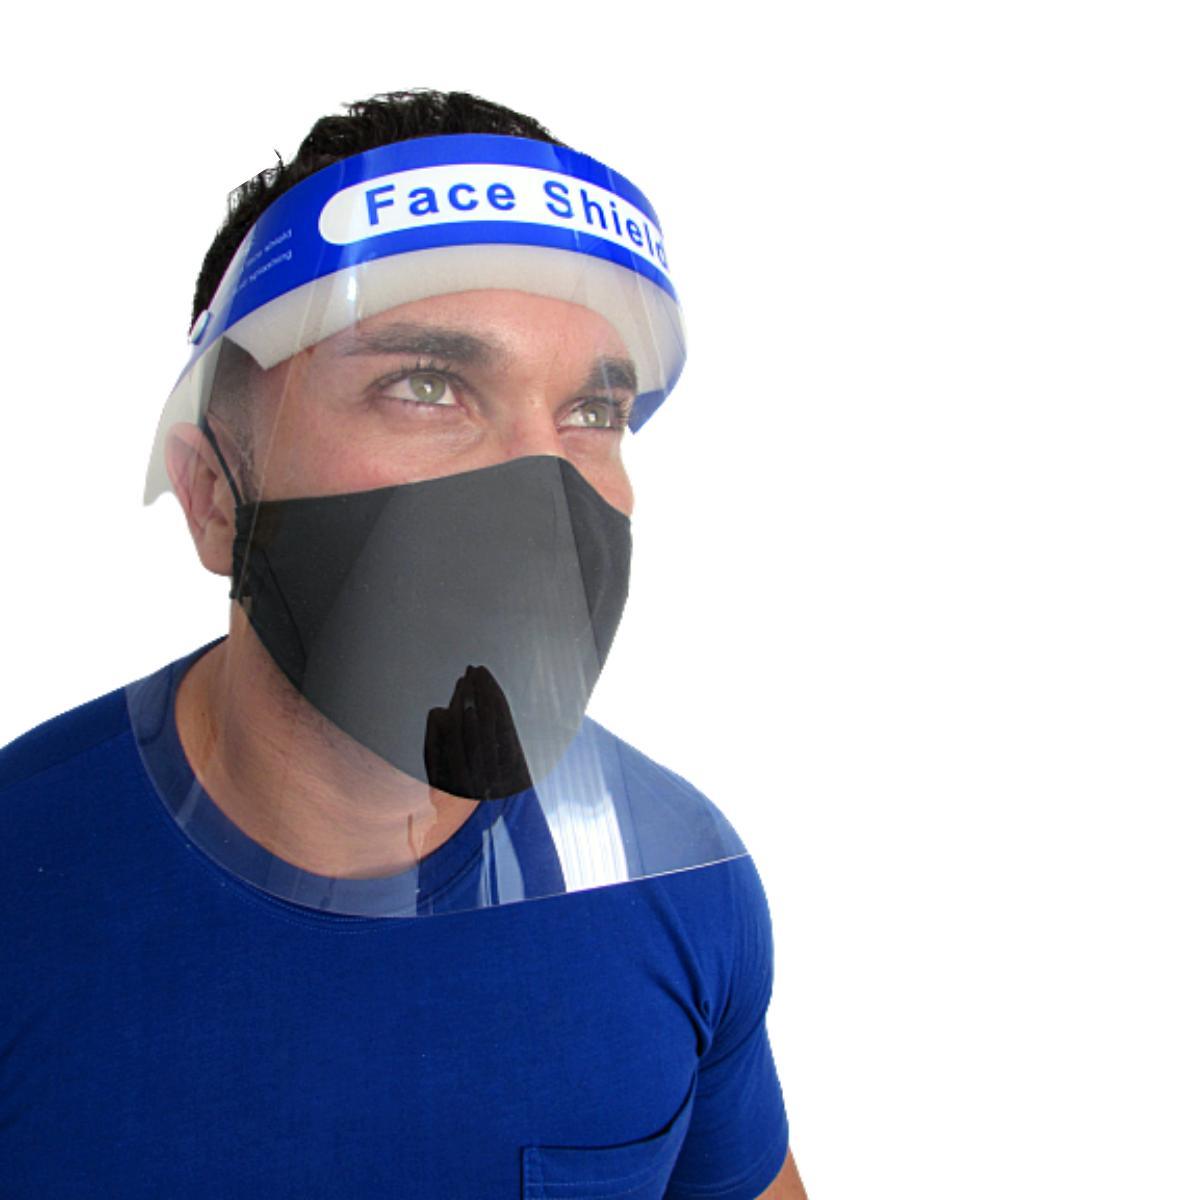 Mascara de Acetato Protetor facial com espuma confortável Face Shield